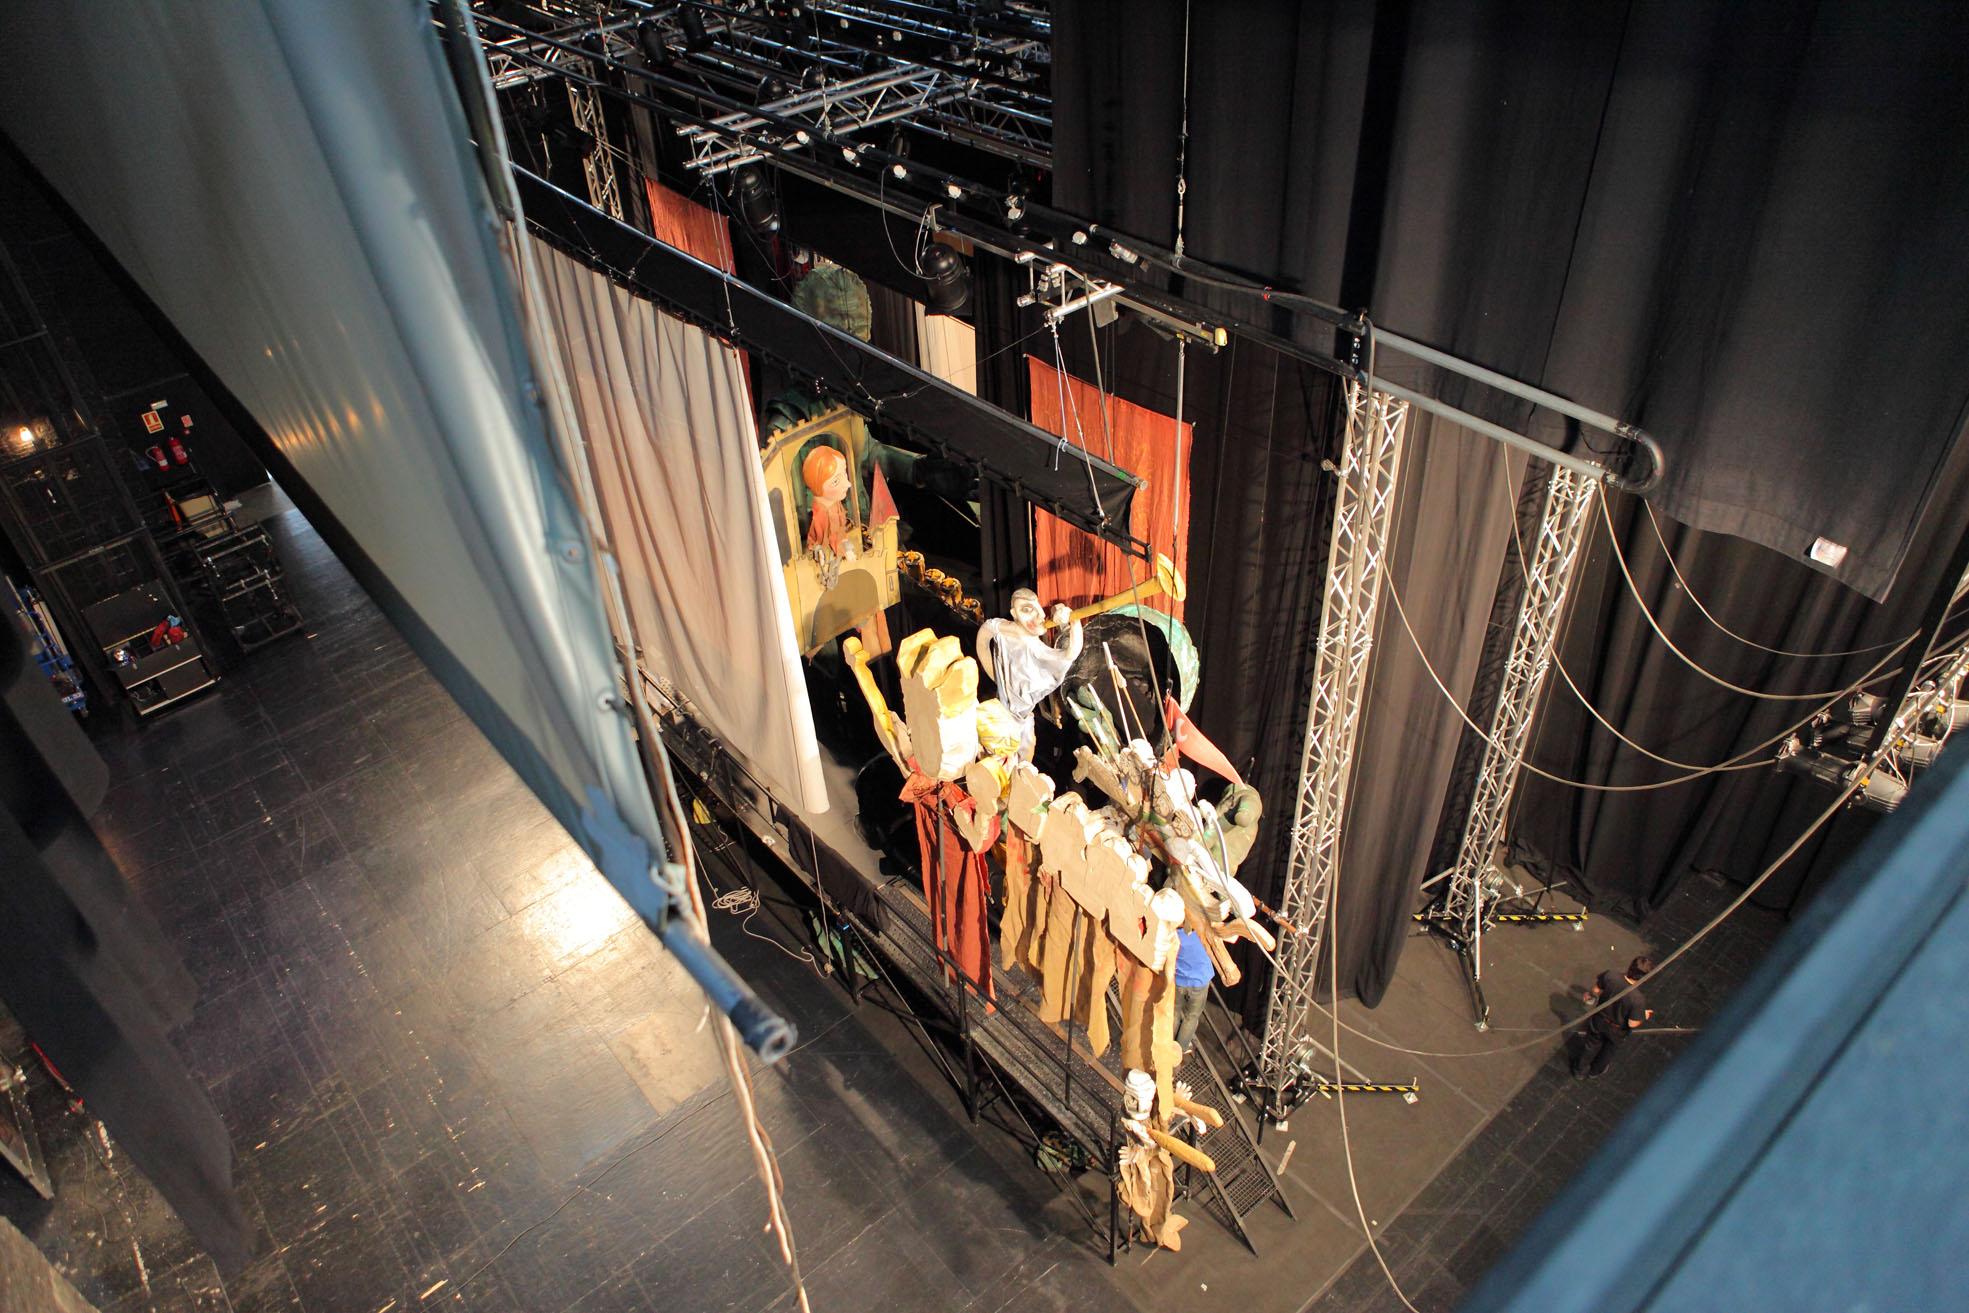 -3 días para El retablo de maese Pedro en Granada